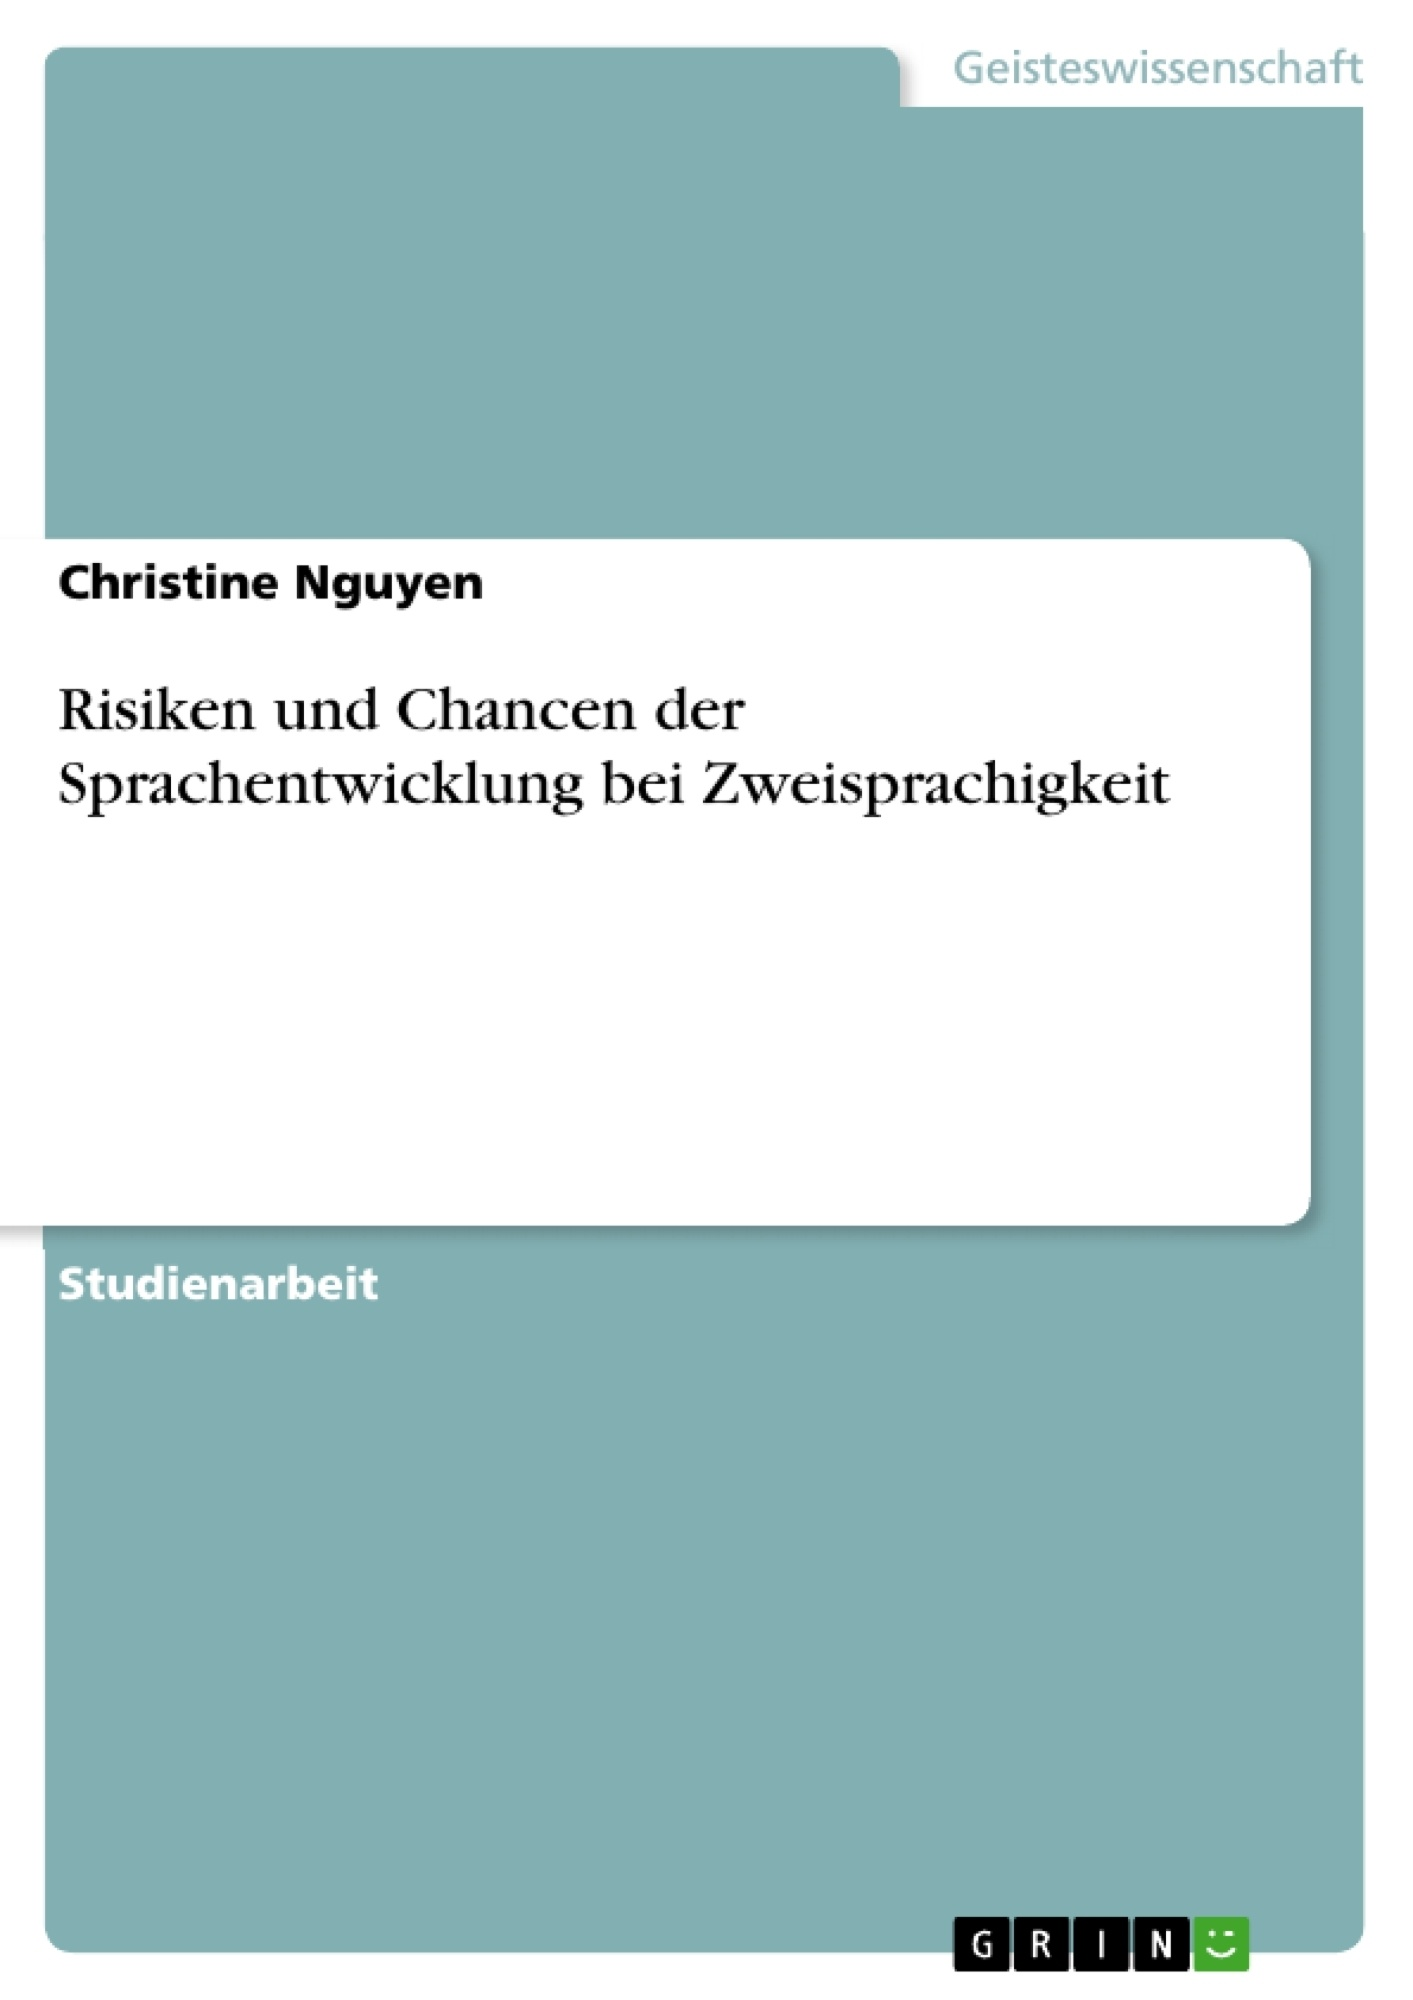 Titel: Risiken und Chancen der Sprachentwicklung bei Zweisprachigkeit